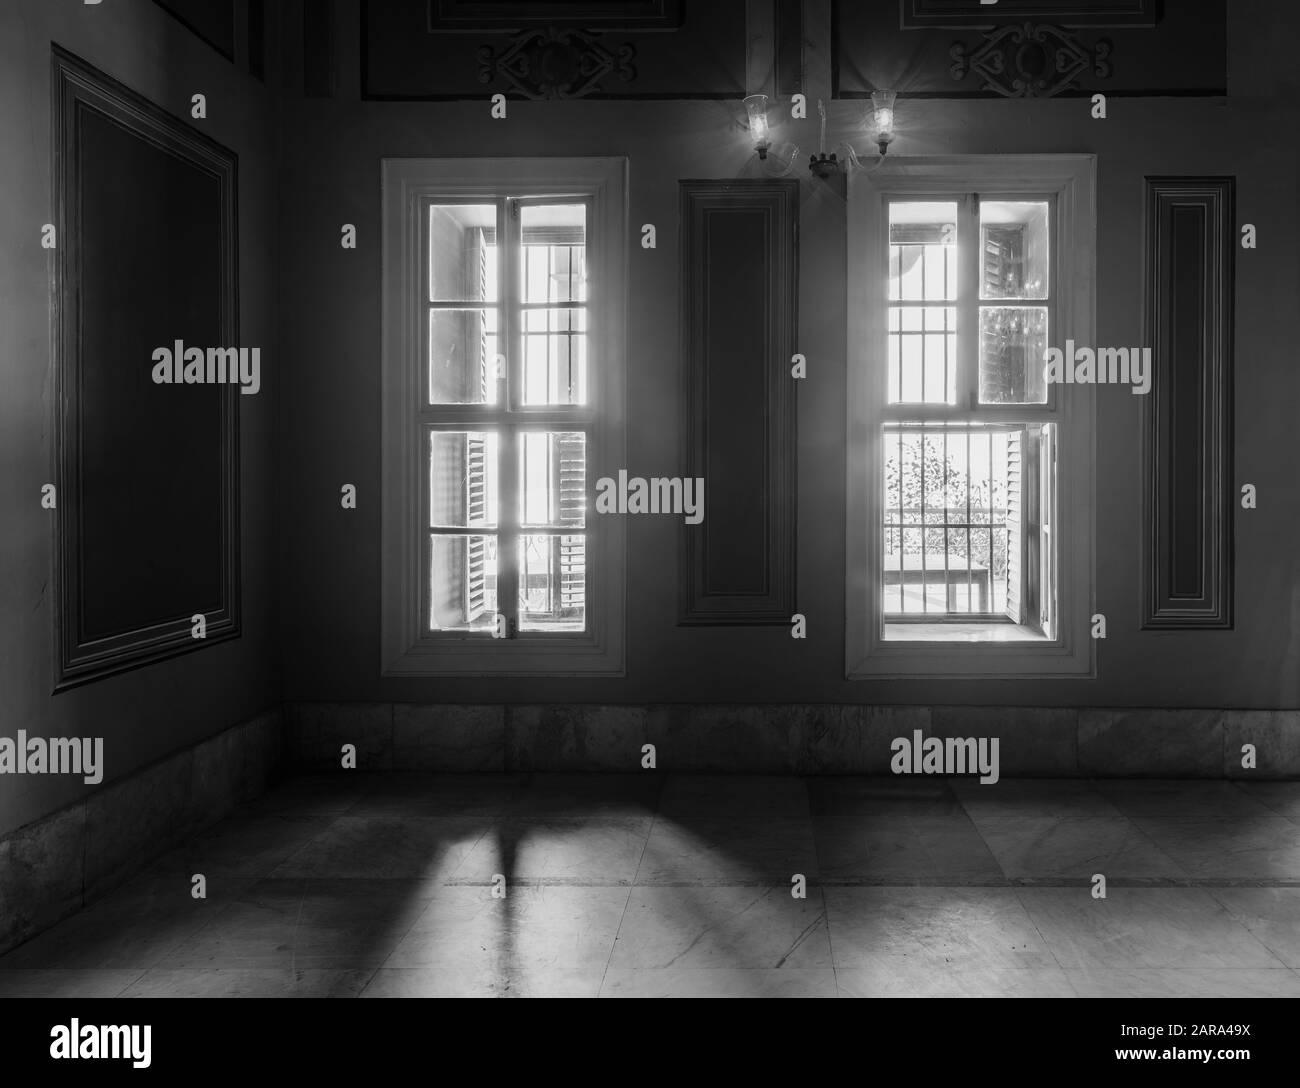 Blanco y negro captura de alto contraste de dos ventanas estrechas, revelando una fuerte luz en la habitación oscura con suelo de mármol blanco azulejado Foto de stock